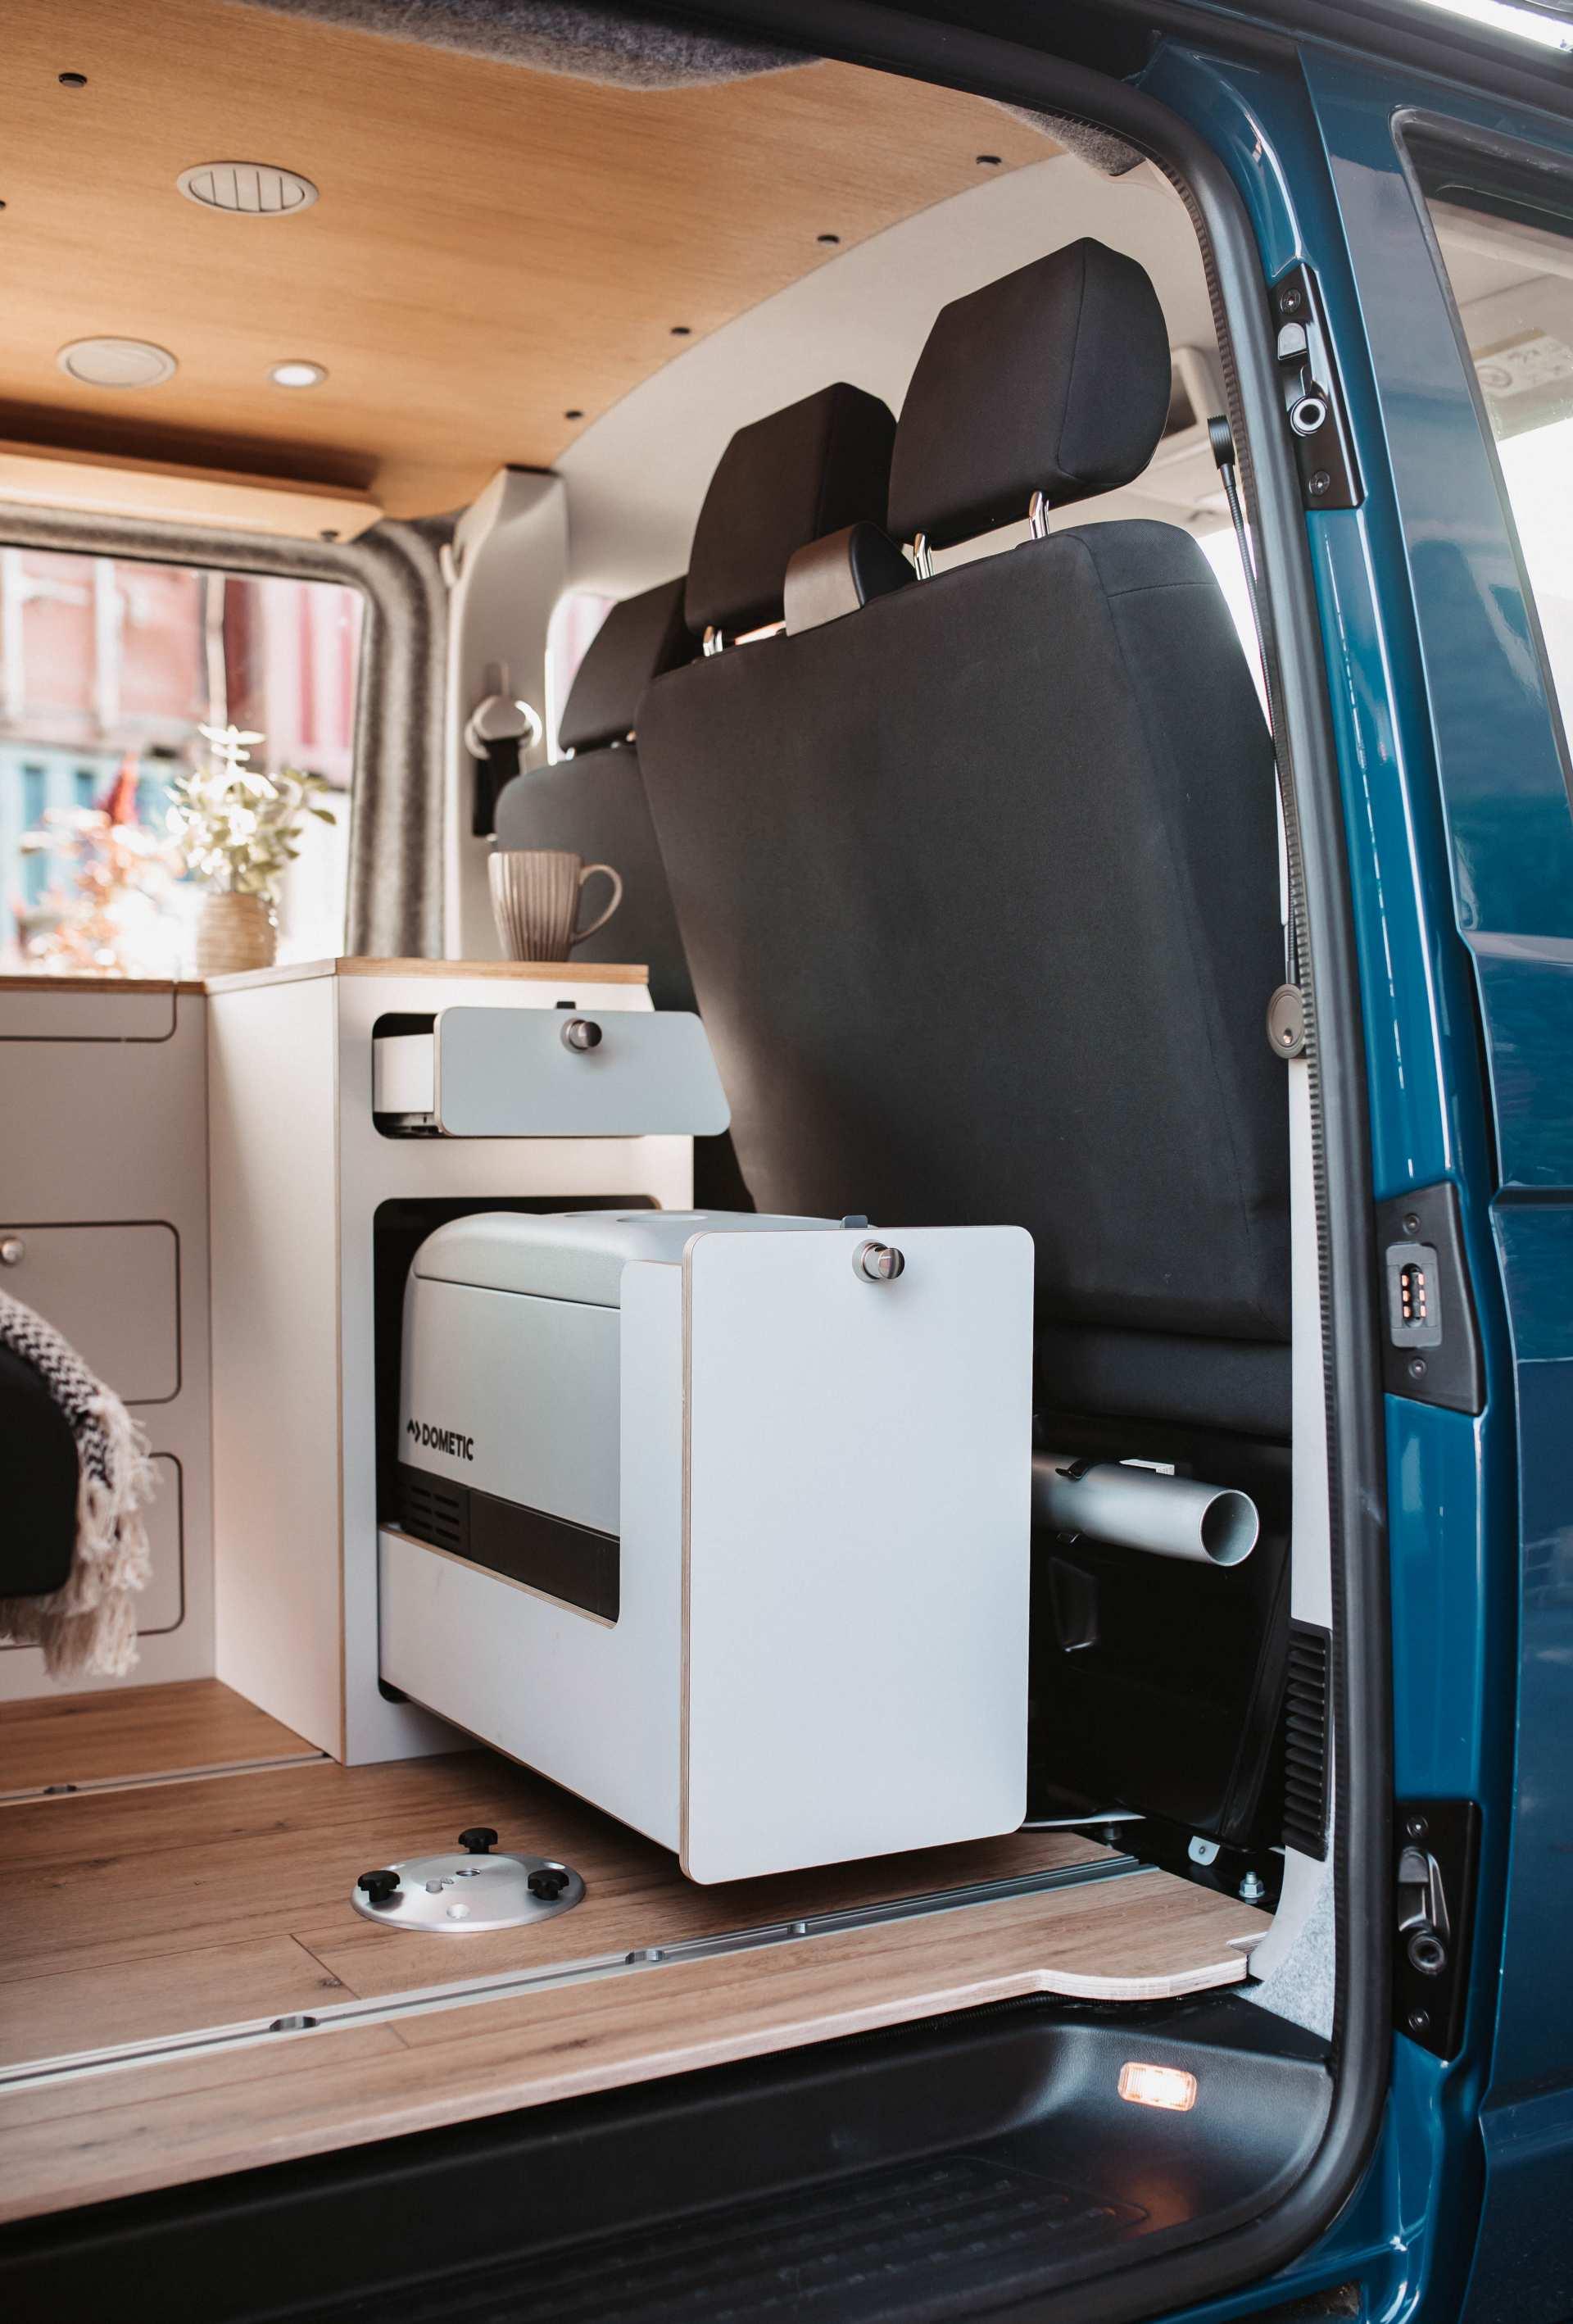 Individualausbau: VW-T6 Campervan - 5